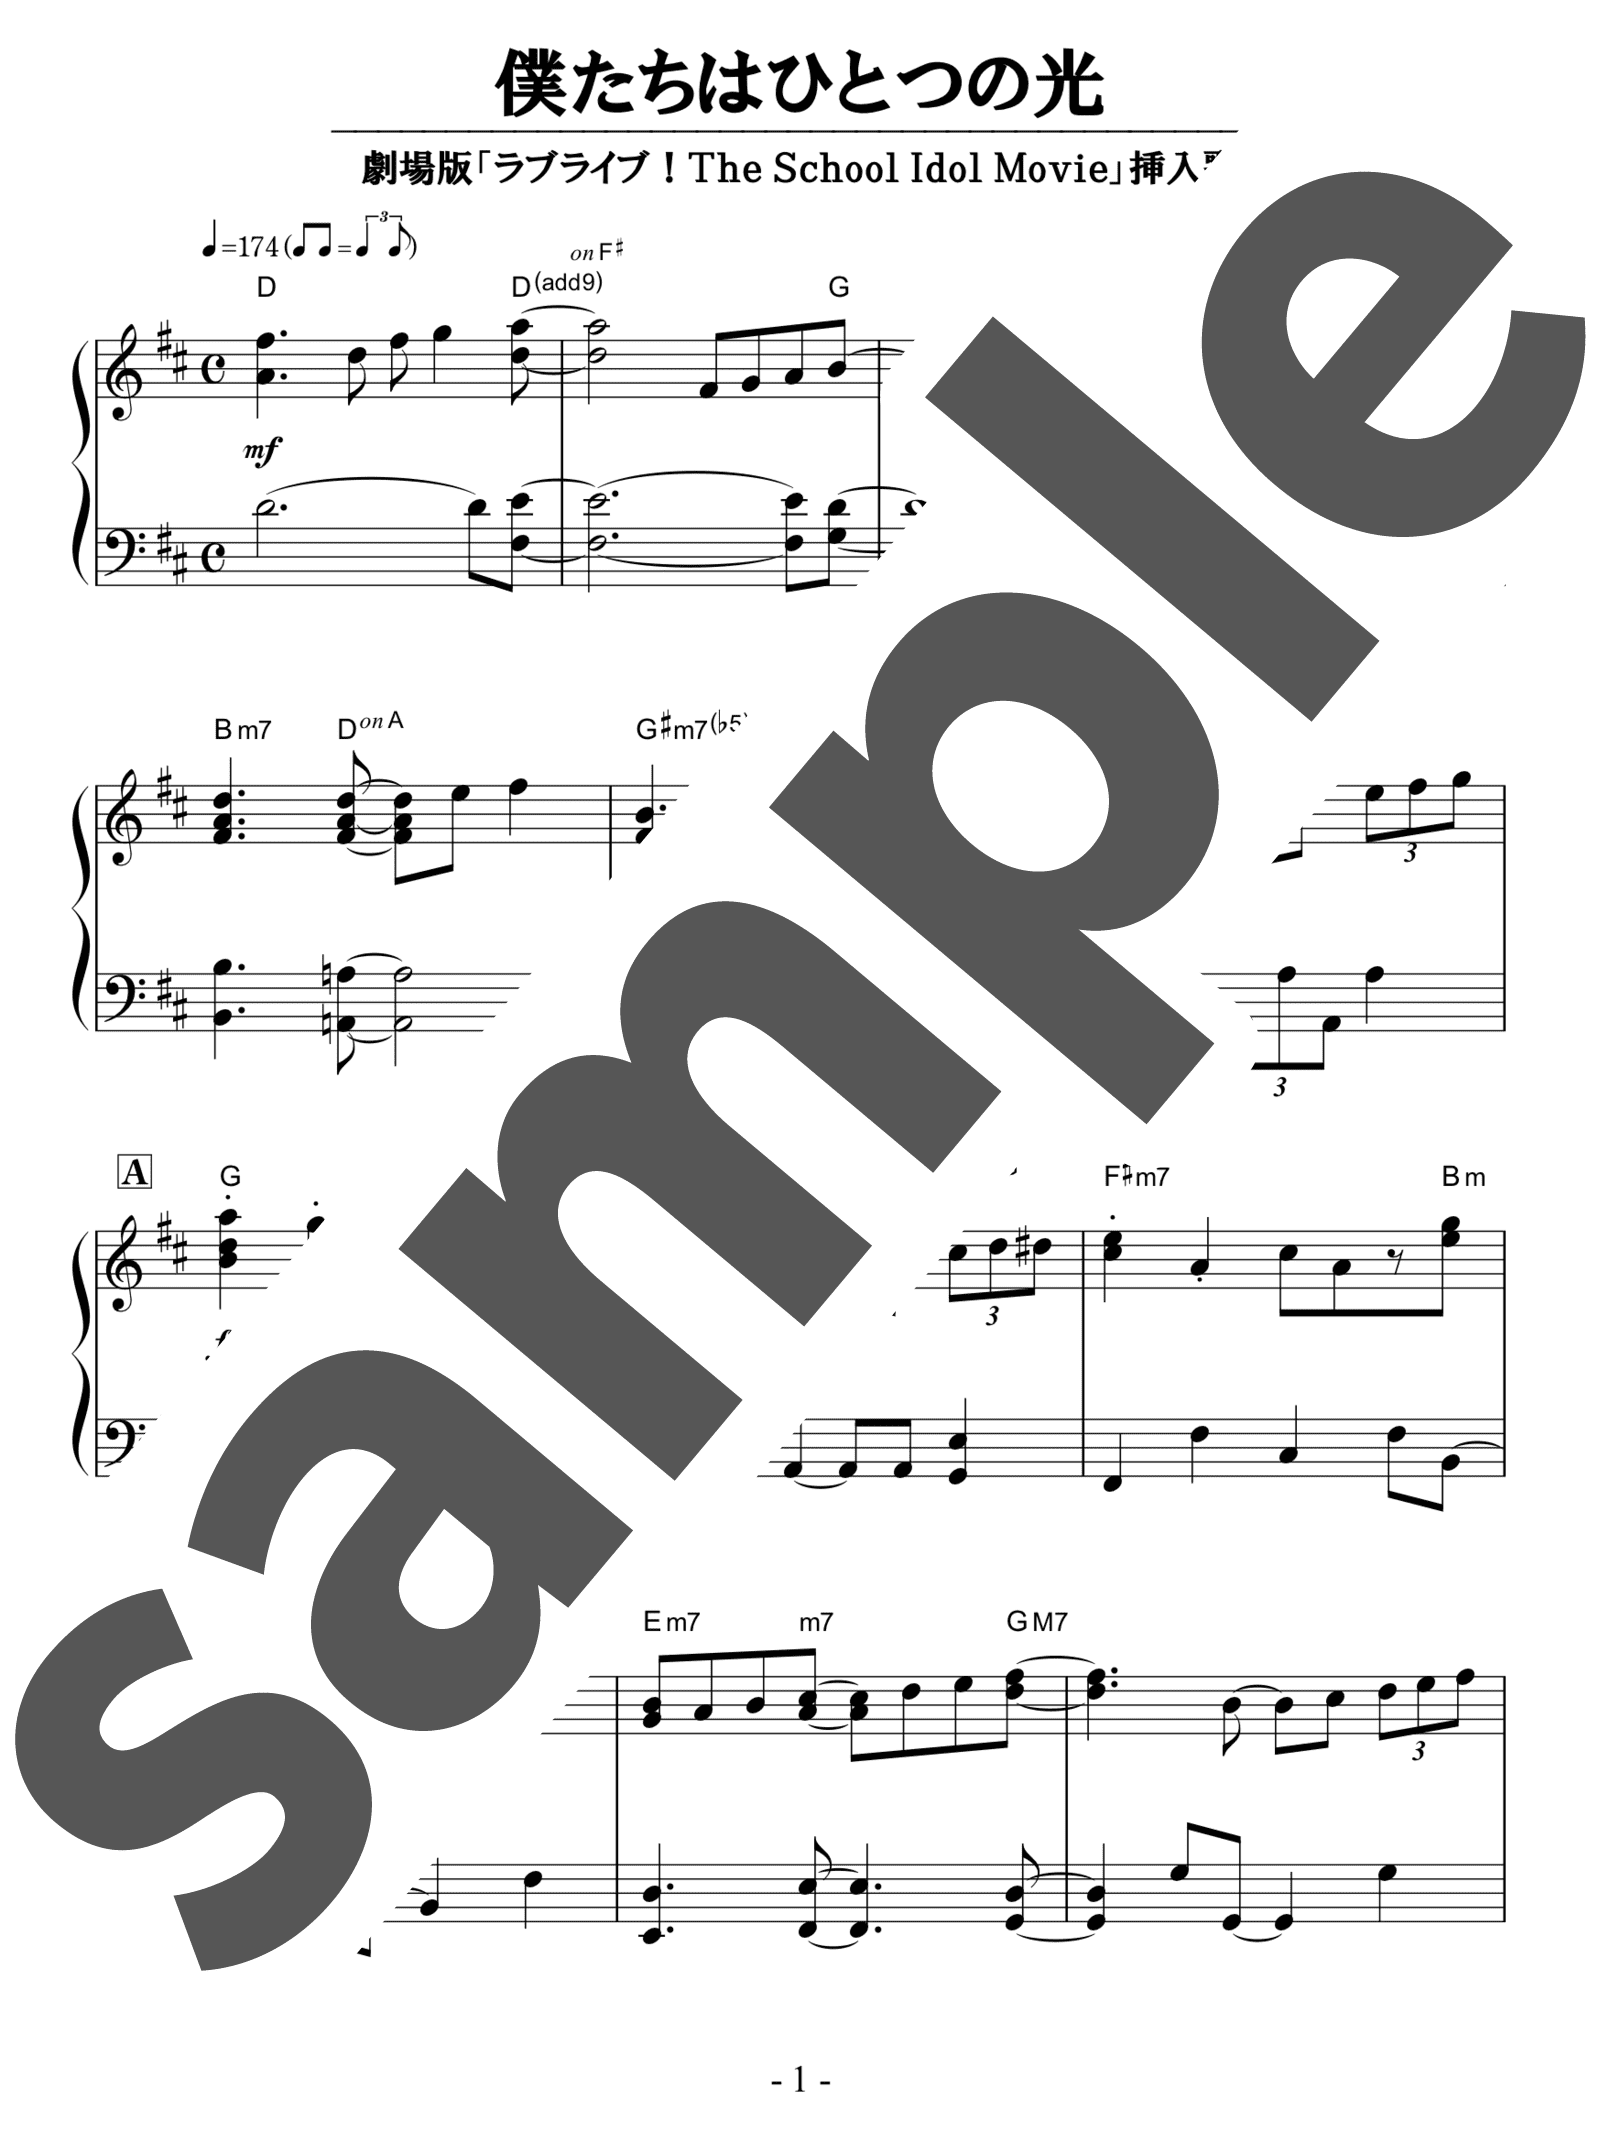 「僕たちはひとつの光」のサンプル楽譜